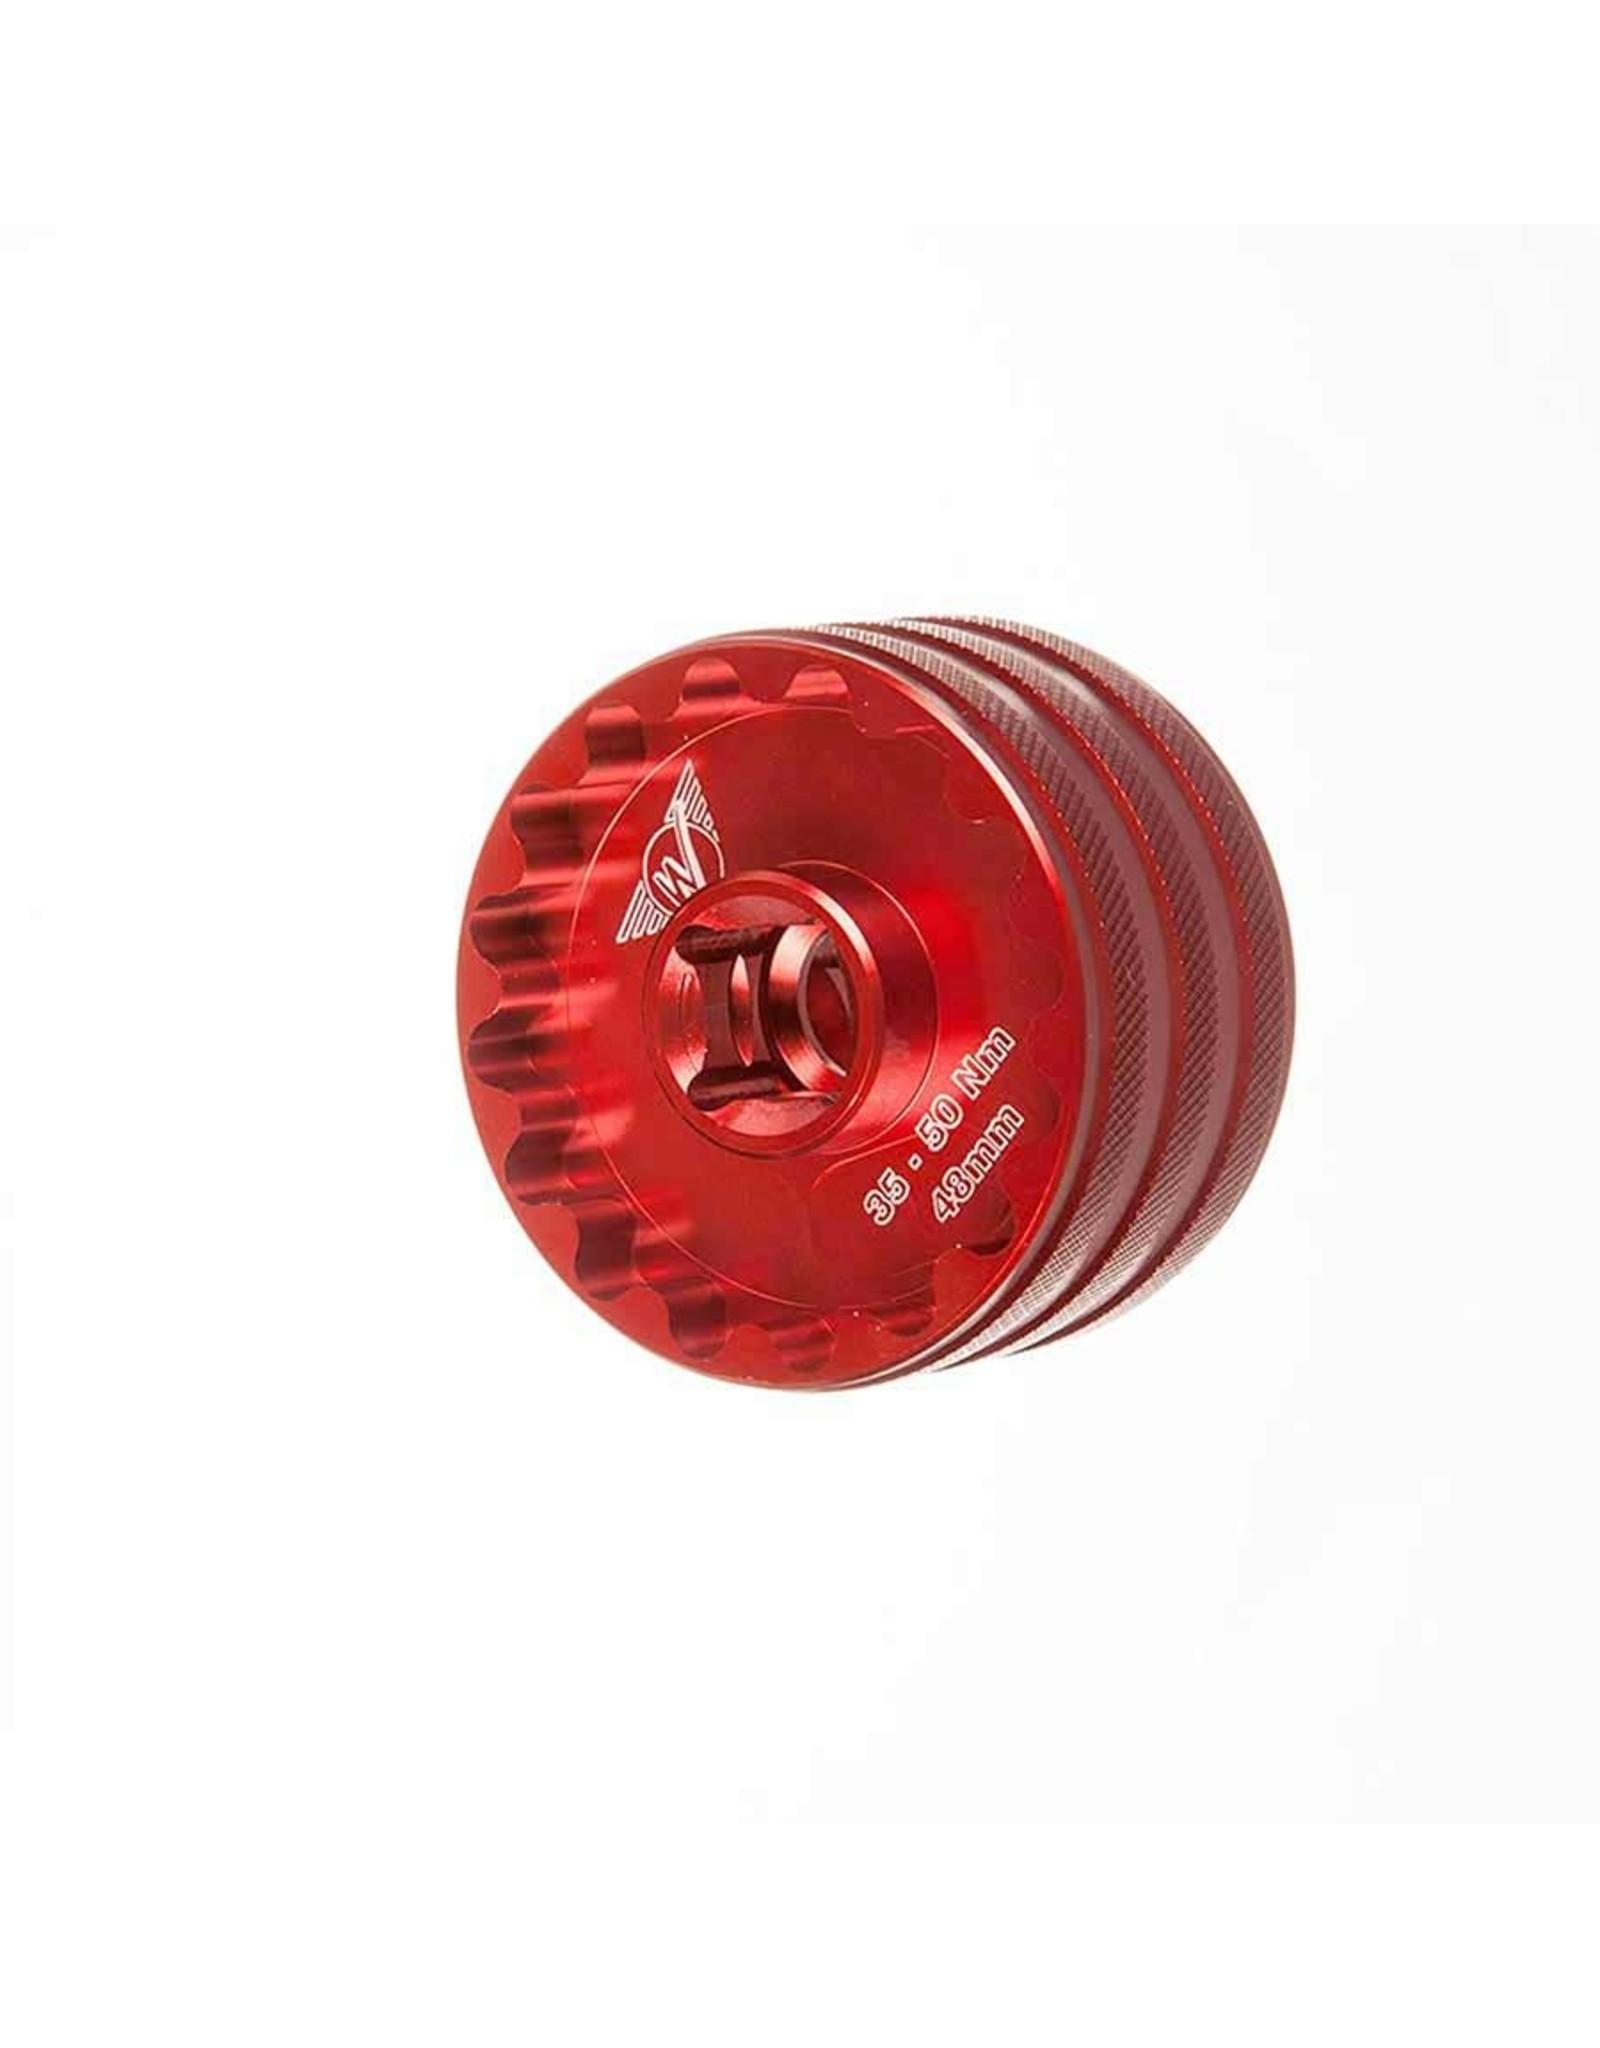 BBTOOL-48-44 BB Socket Tool